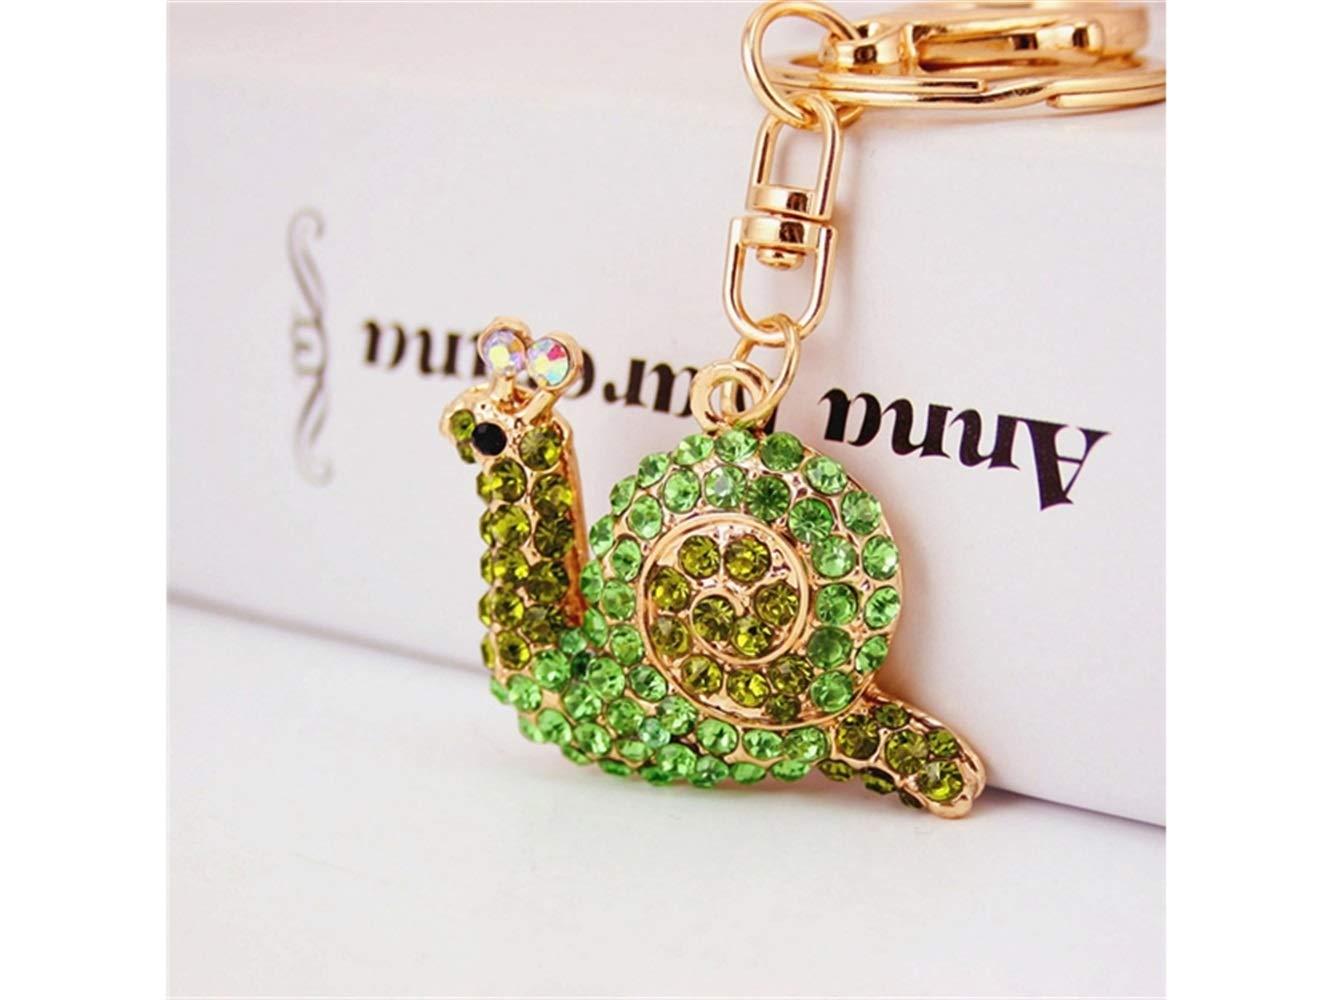 Car Keychain, Cute Small Snail Keychain Animal Key Trinket Car Bag Key Holder Decorations(Green) for Gift